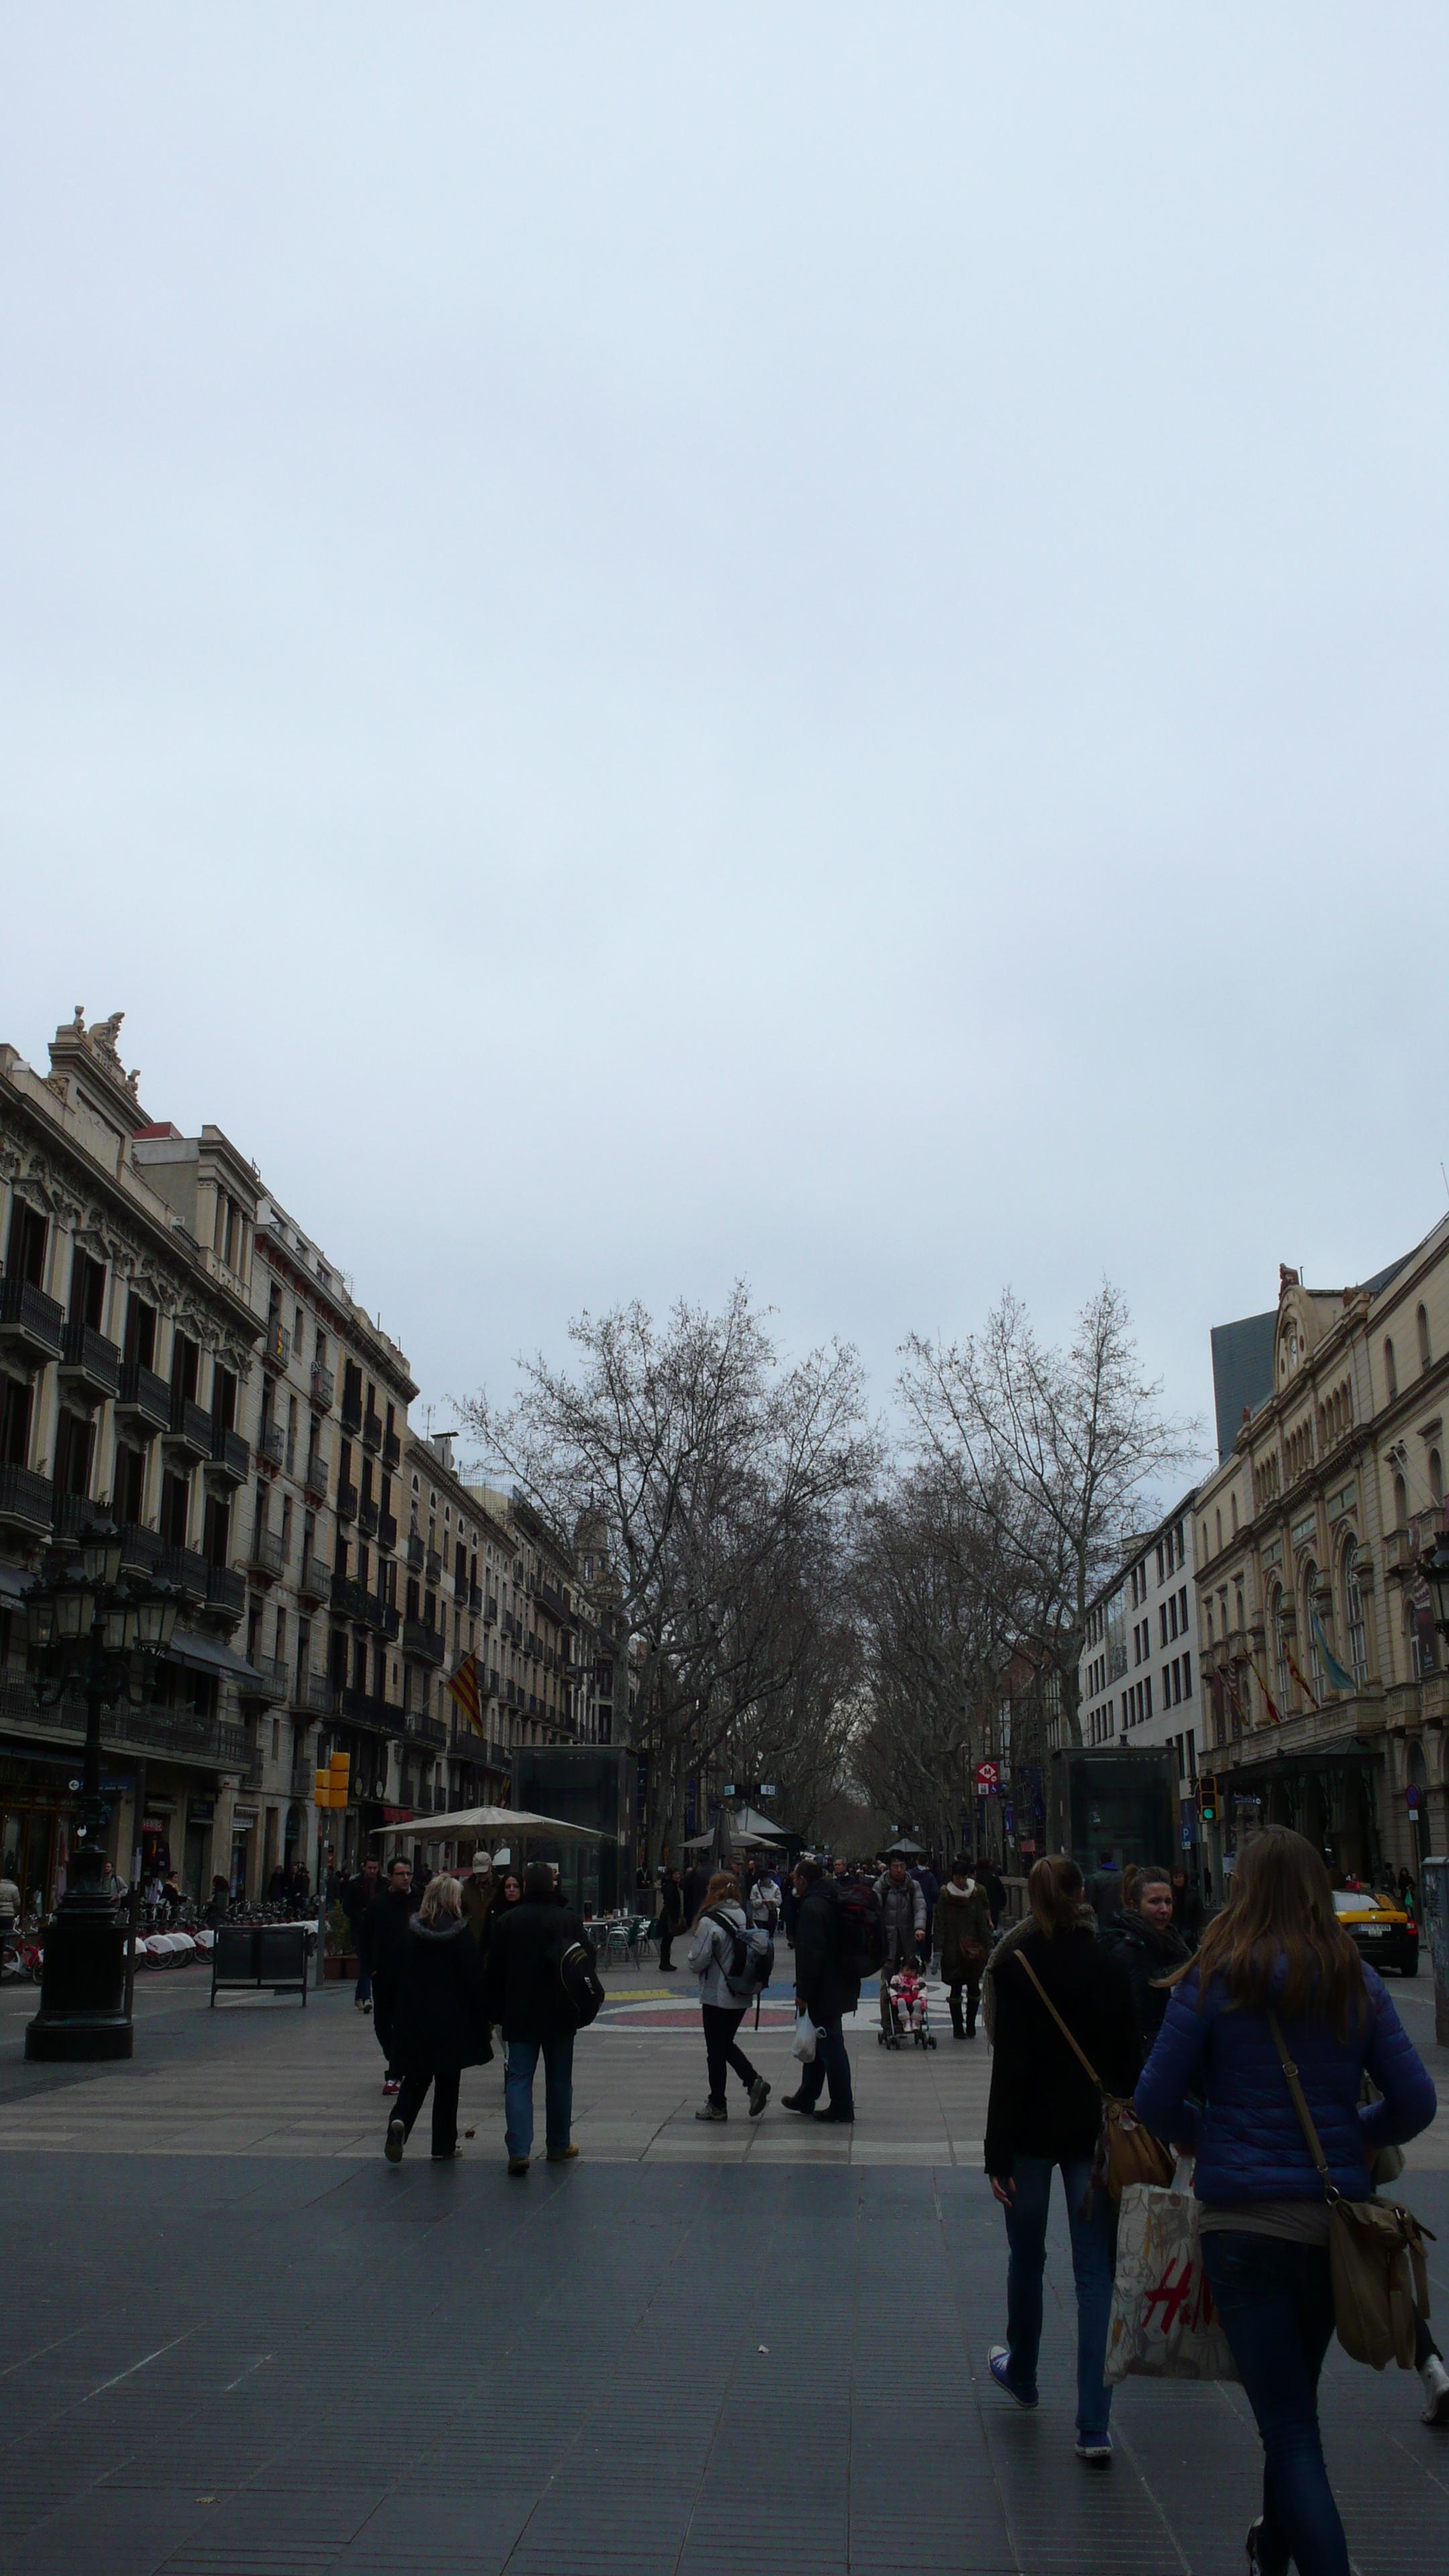 兰布拉大道兰布拉大道巴塞罗那的大道和国内最大的区别 驴妈妈点评